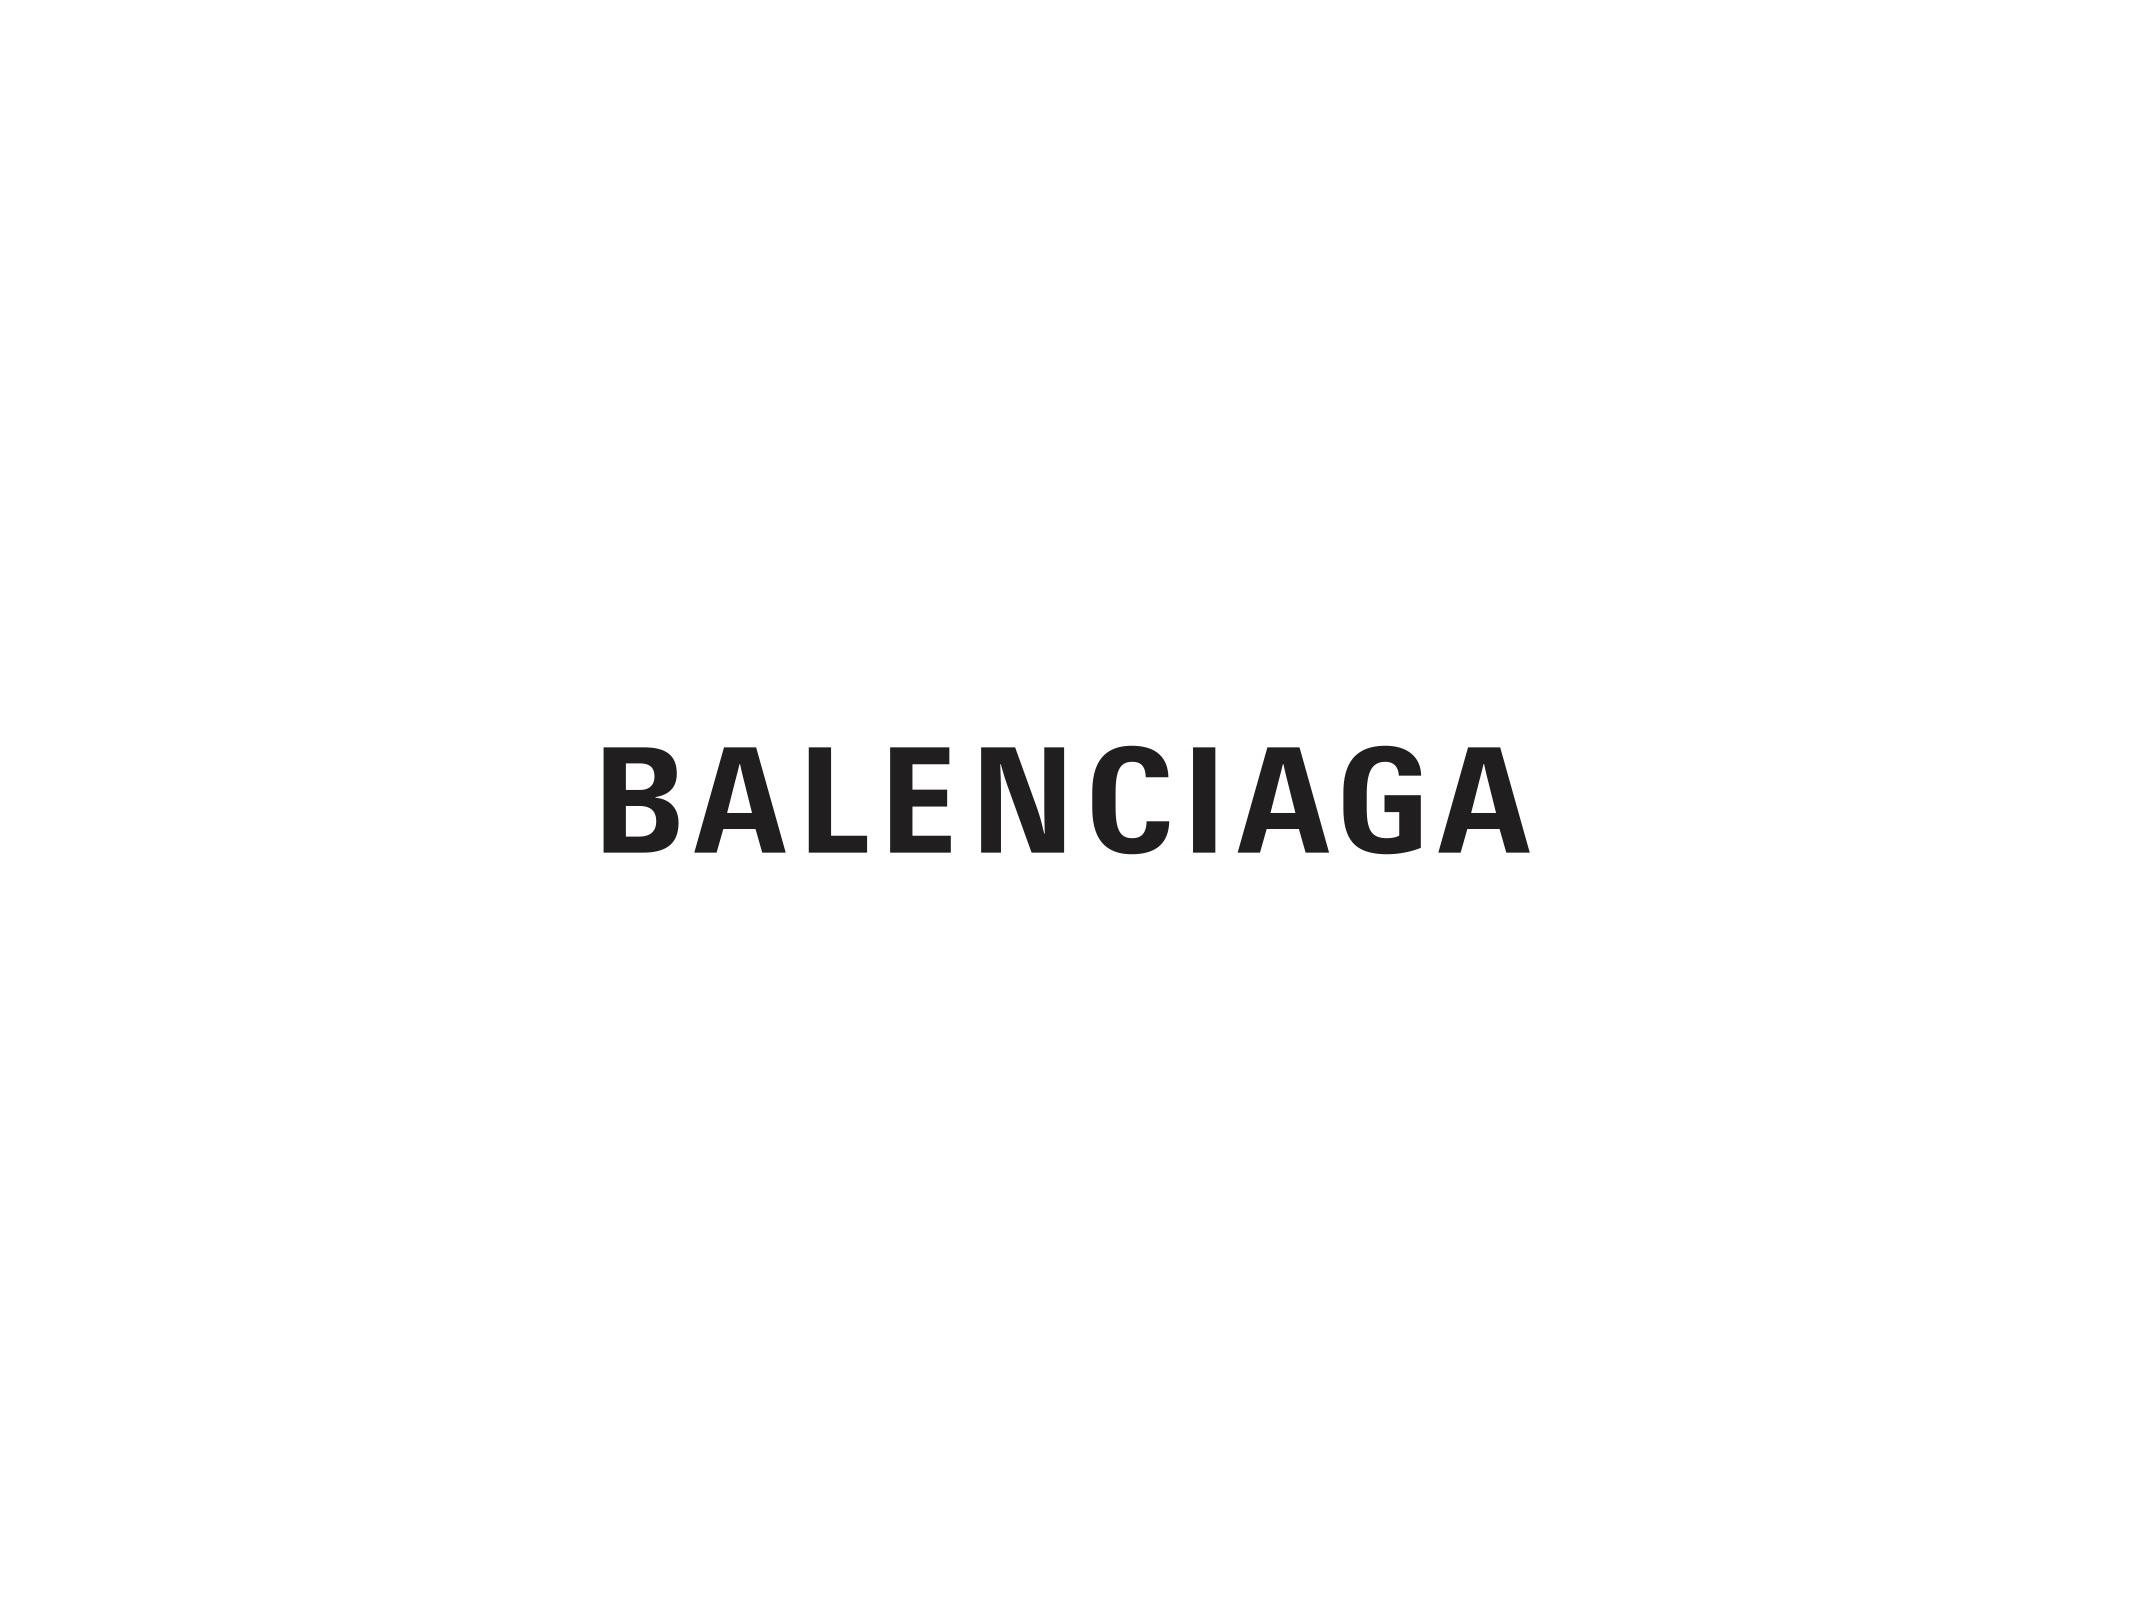 Balenciaga's new logo.